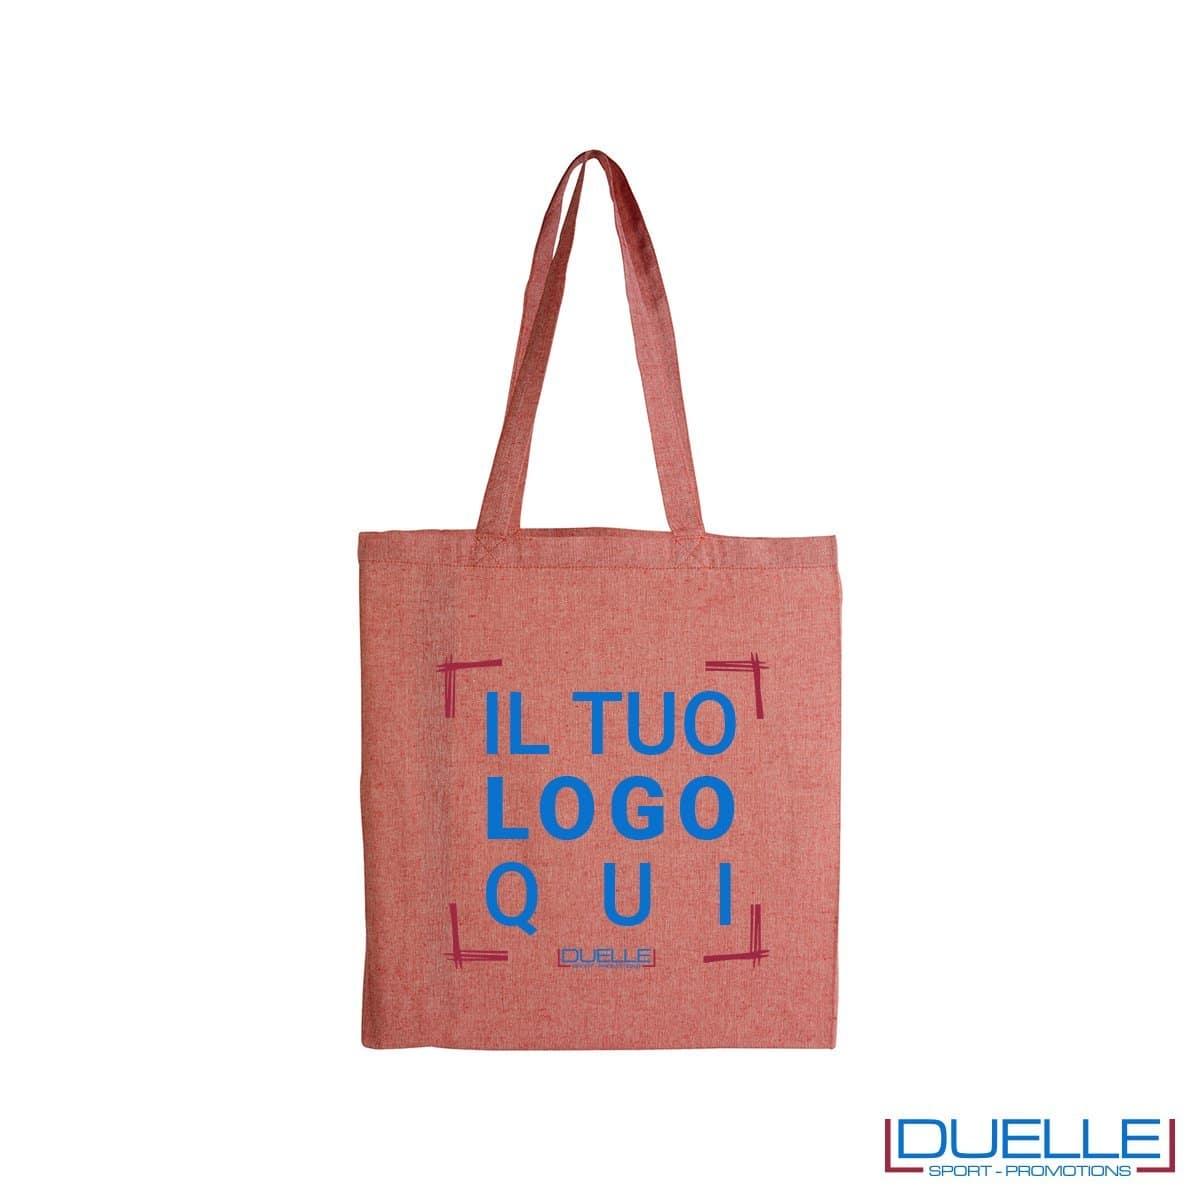 Borsa shopper con soffietto personalizzata in cotone riciclato colore rosso